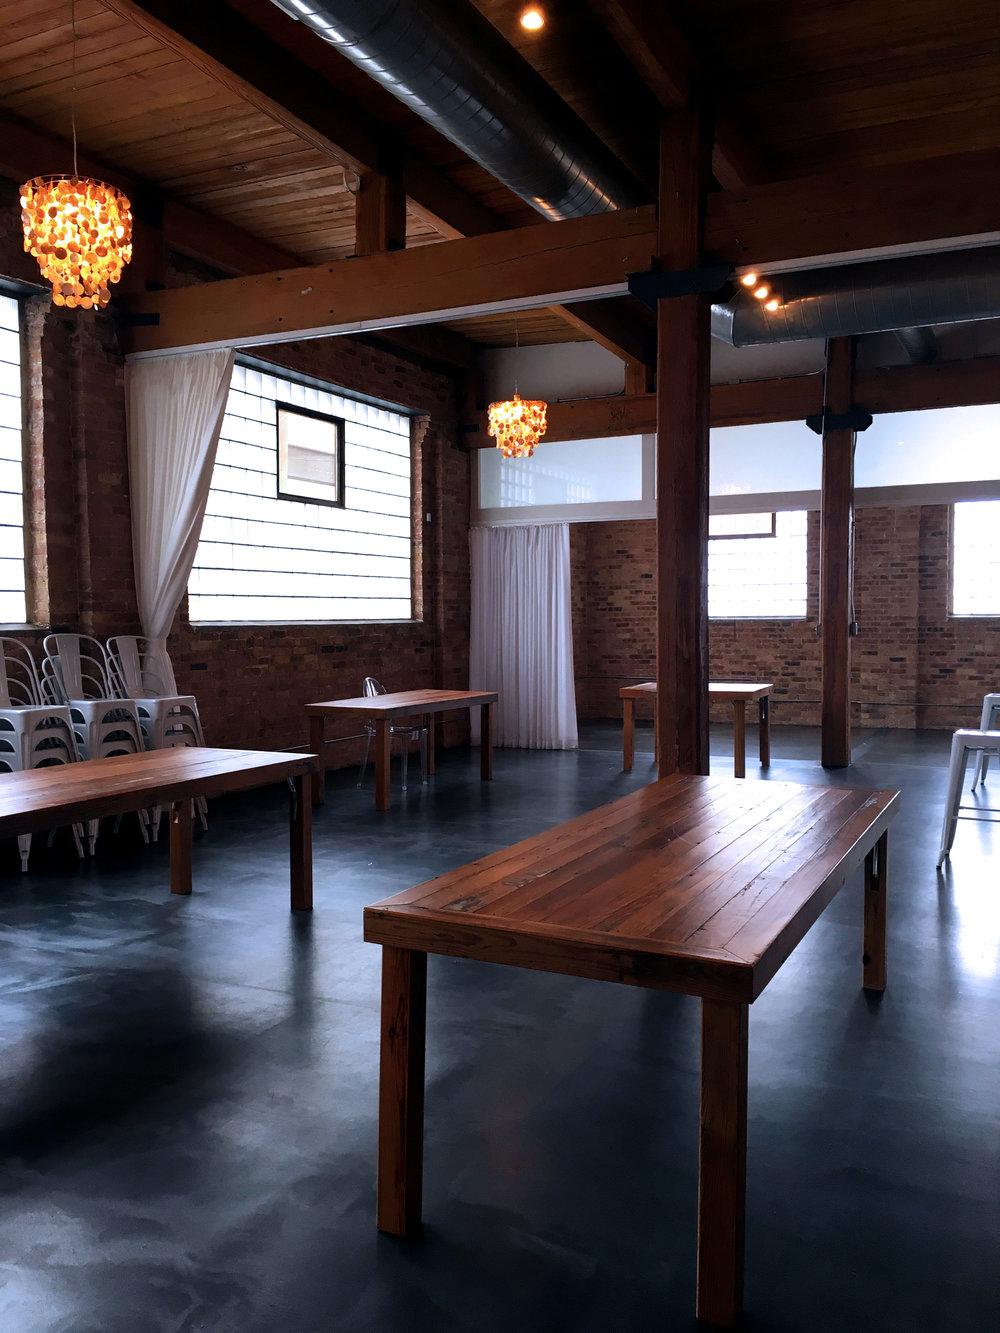 Chicago Event Venue Space - Brique